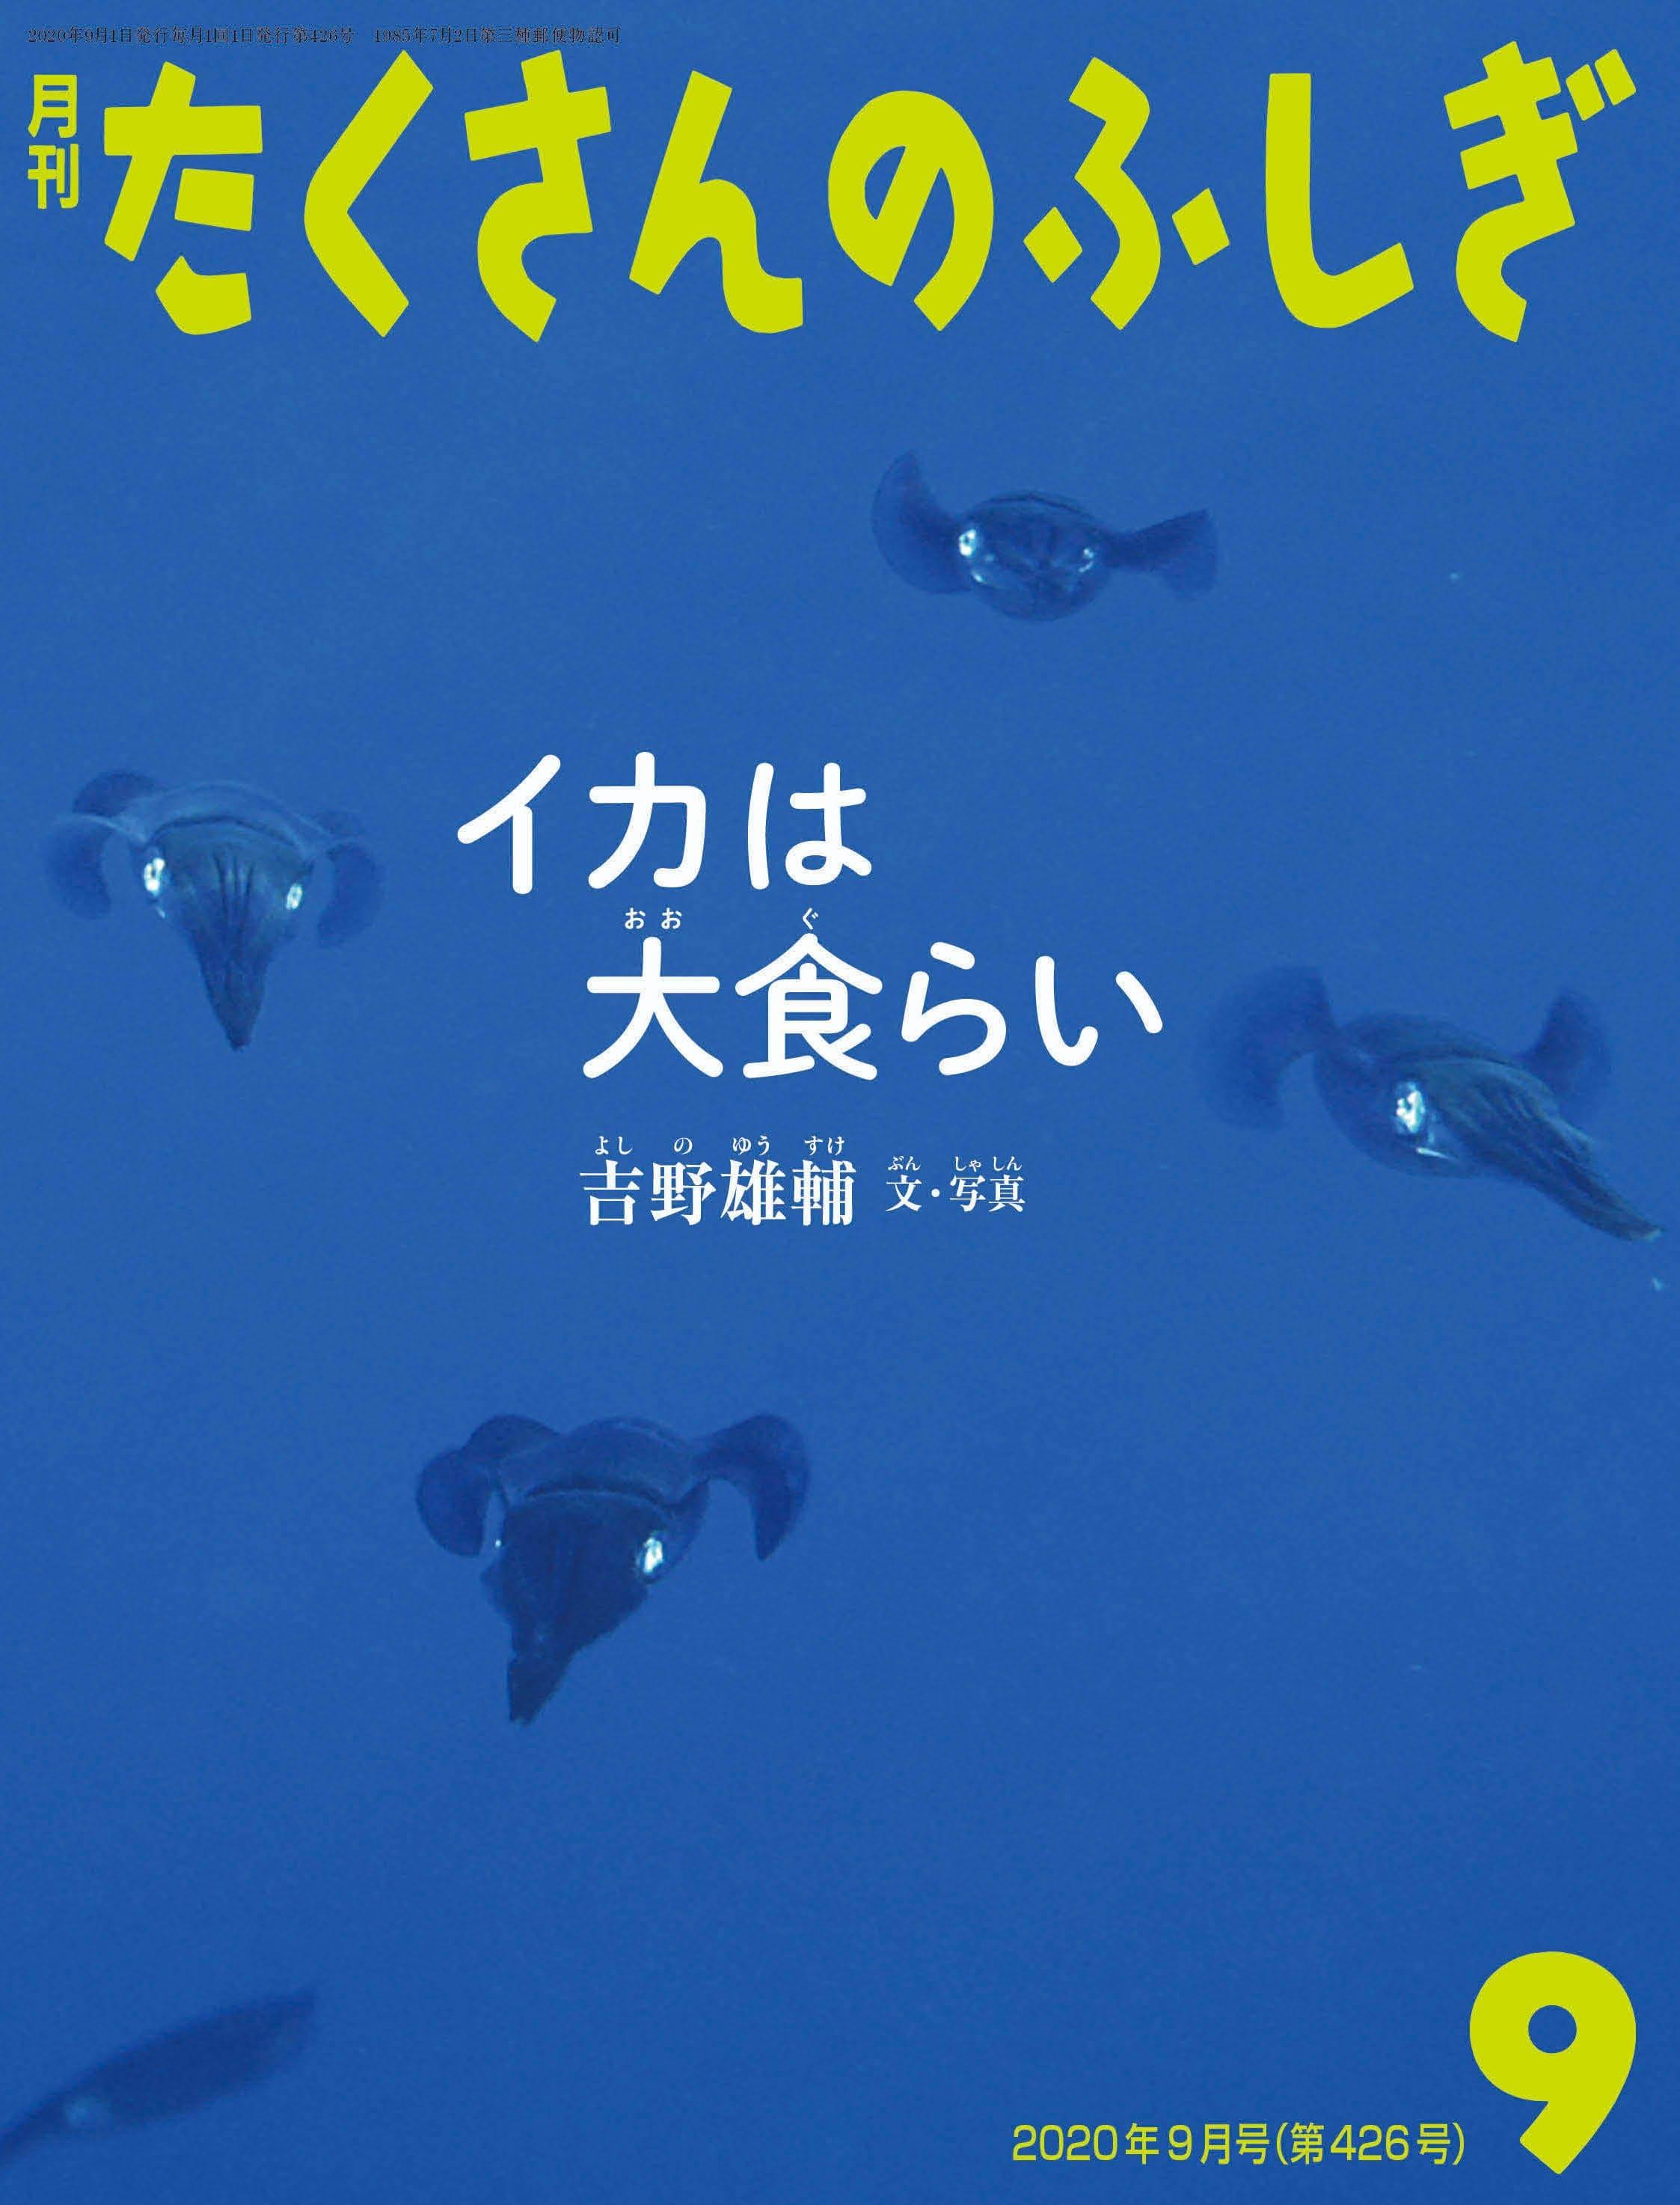 吉野雄輔 氏 たくさんのふしぎ9月号「イカは大食らい」のご案内